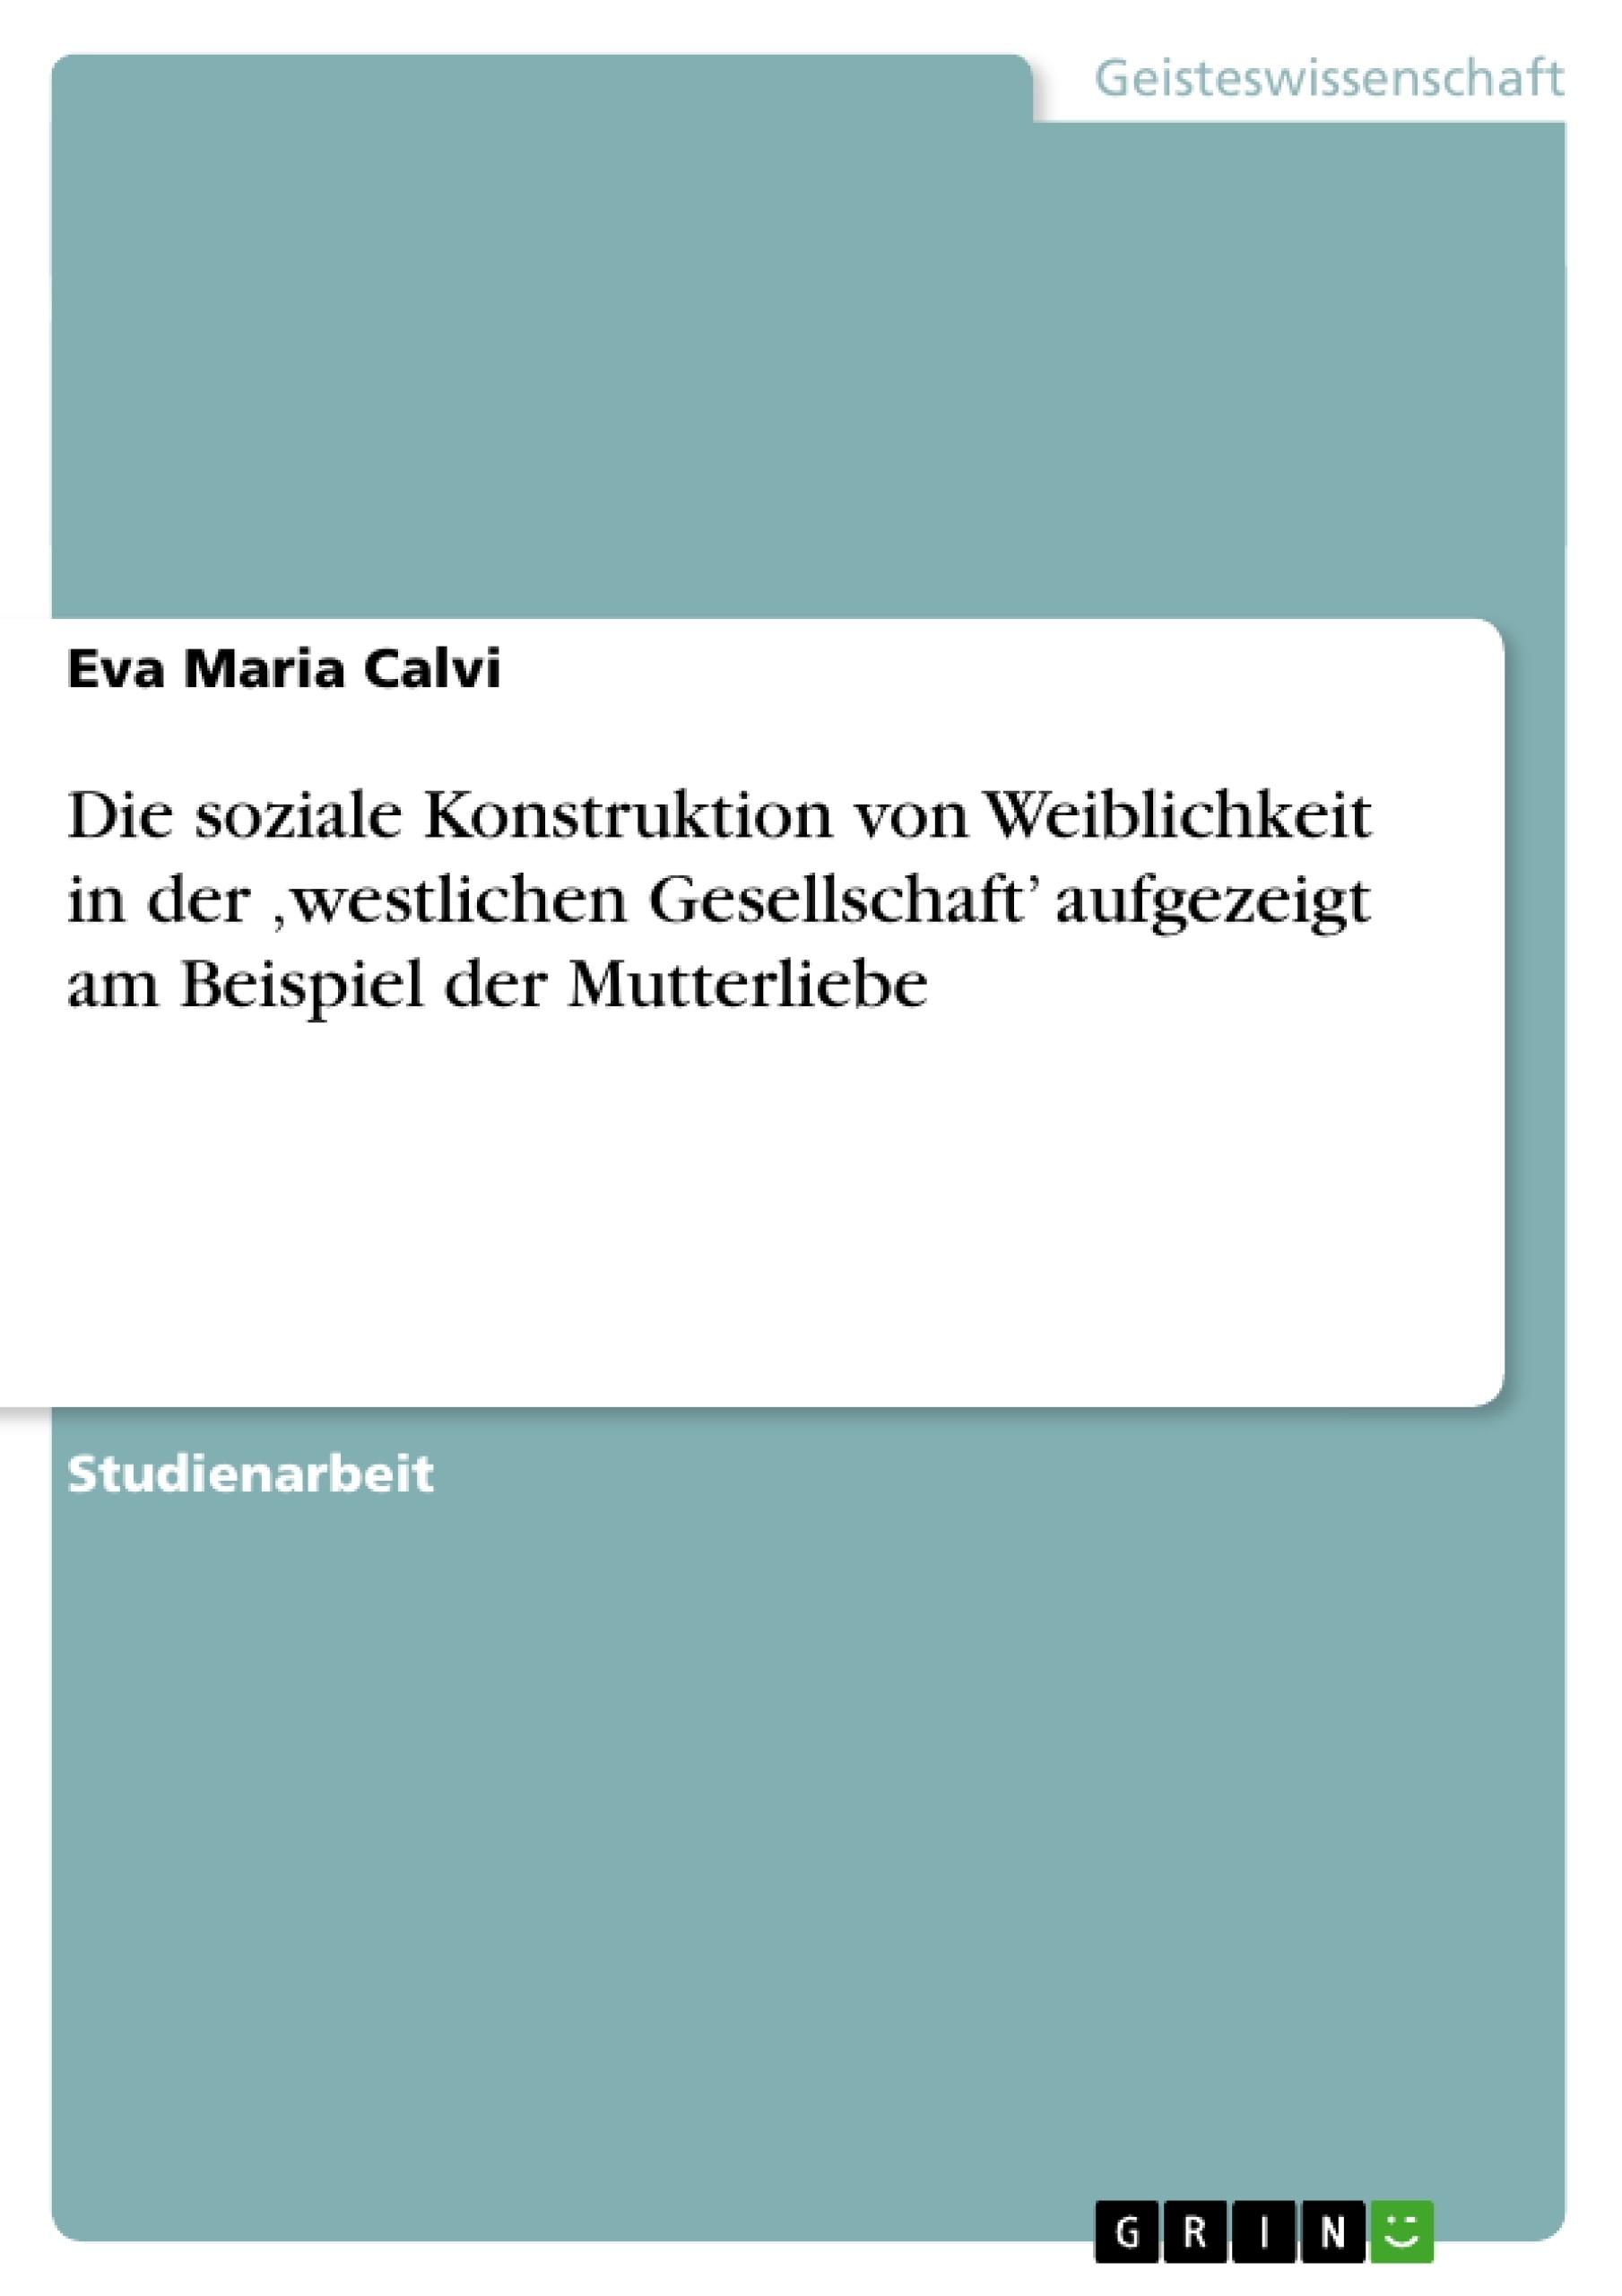 Titel: Die soziale Konstruktion von Weiblichkeit in der 'westlichen Gesellschaft' aufgezeigt am Beispiel der Mutterliebe